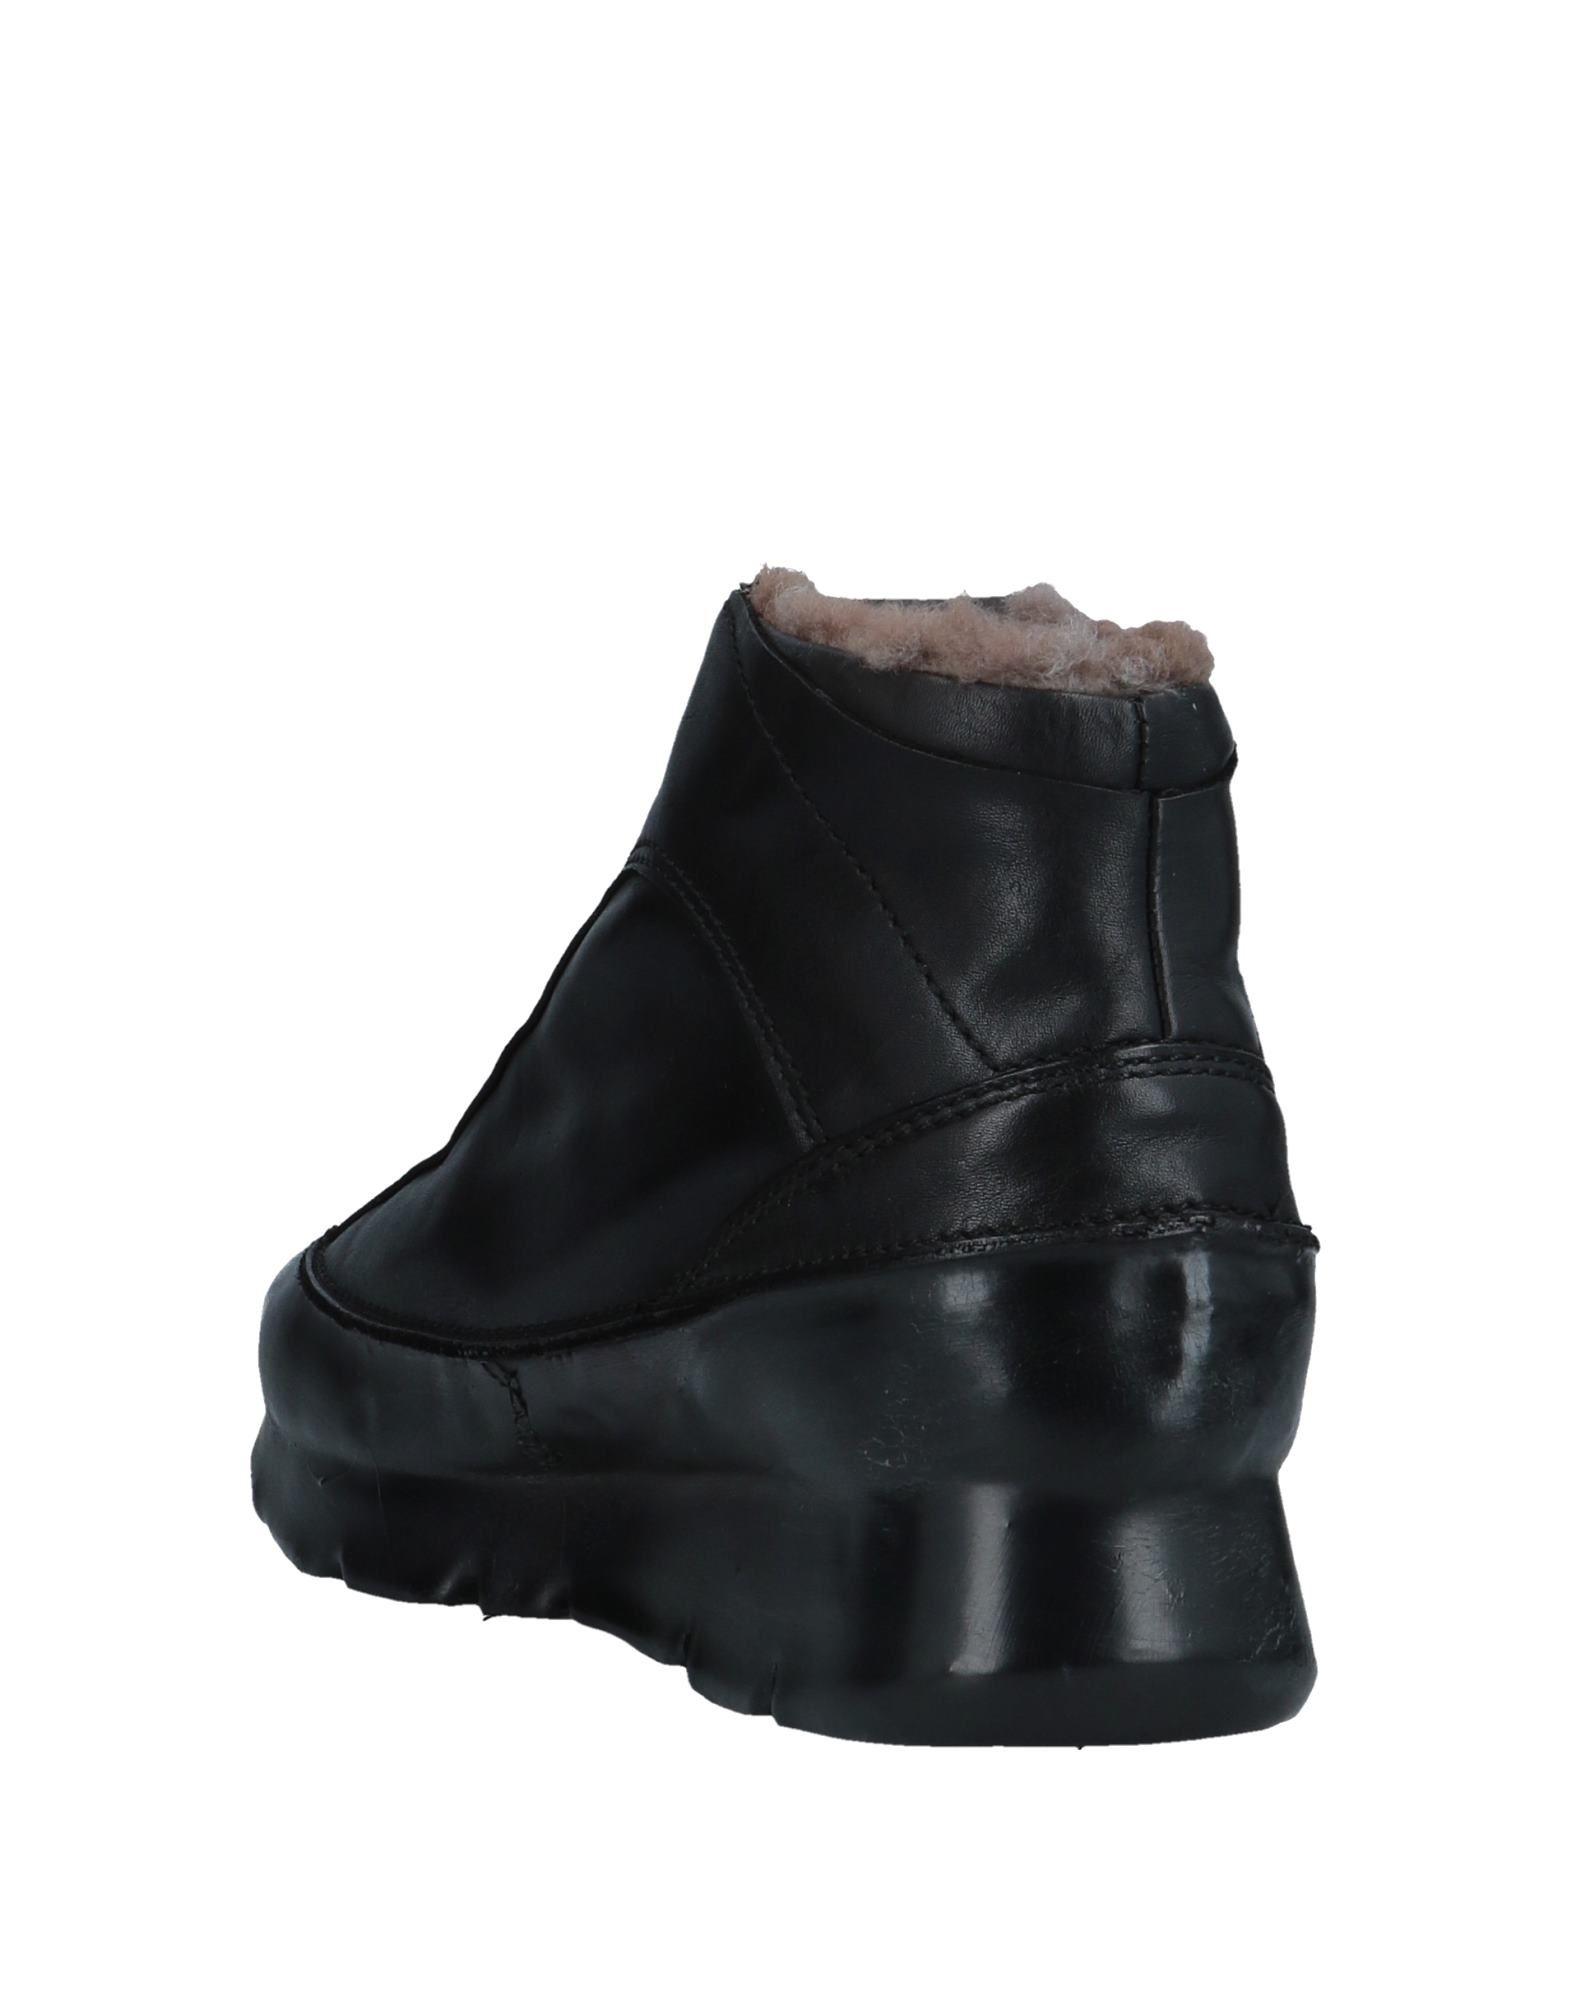 Rabatt Schuhe Rubber Damen Soul Sneakers Damen Rubber  11554181LL 4a0149